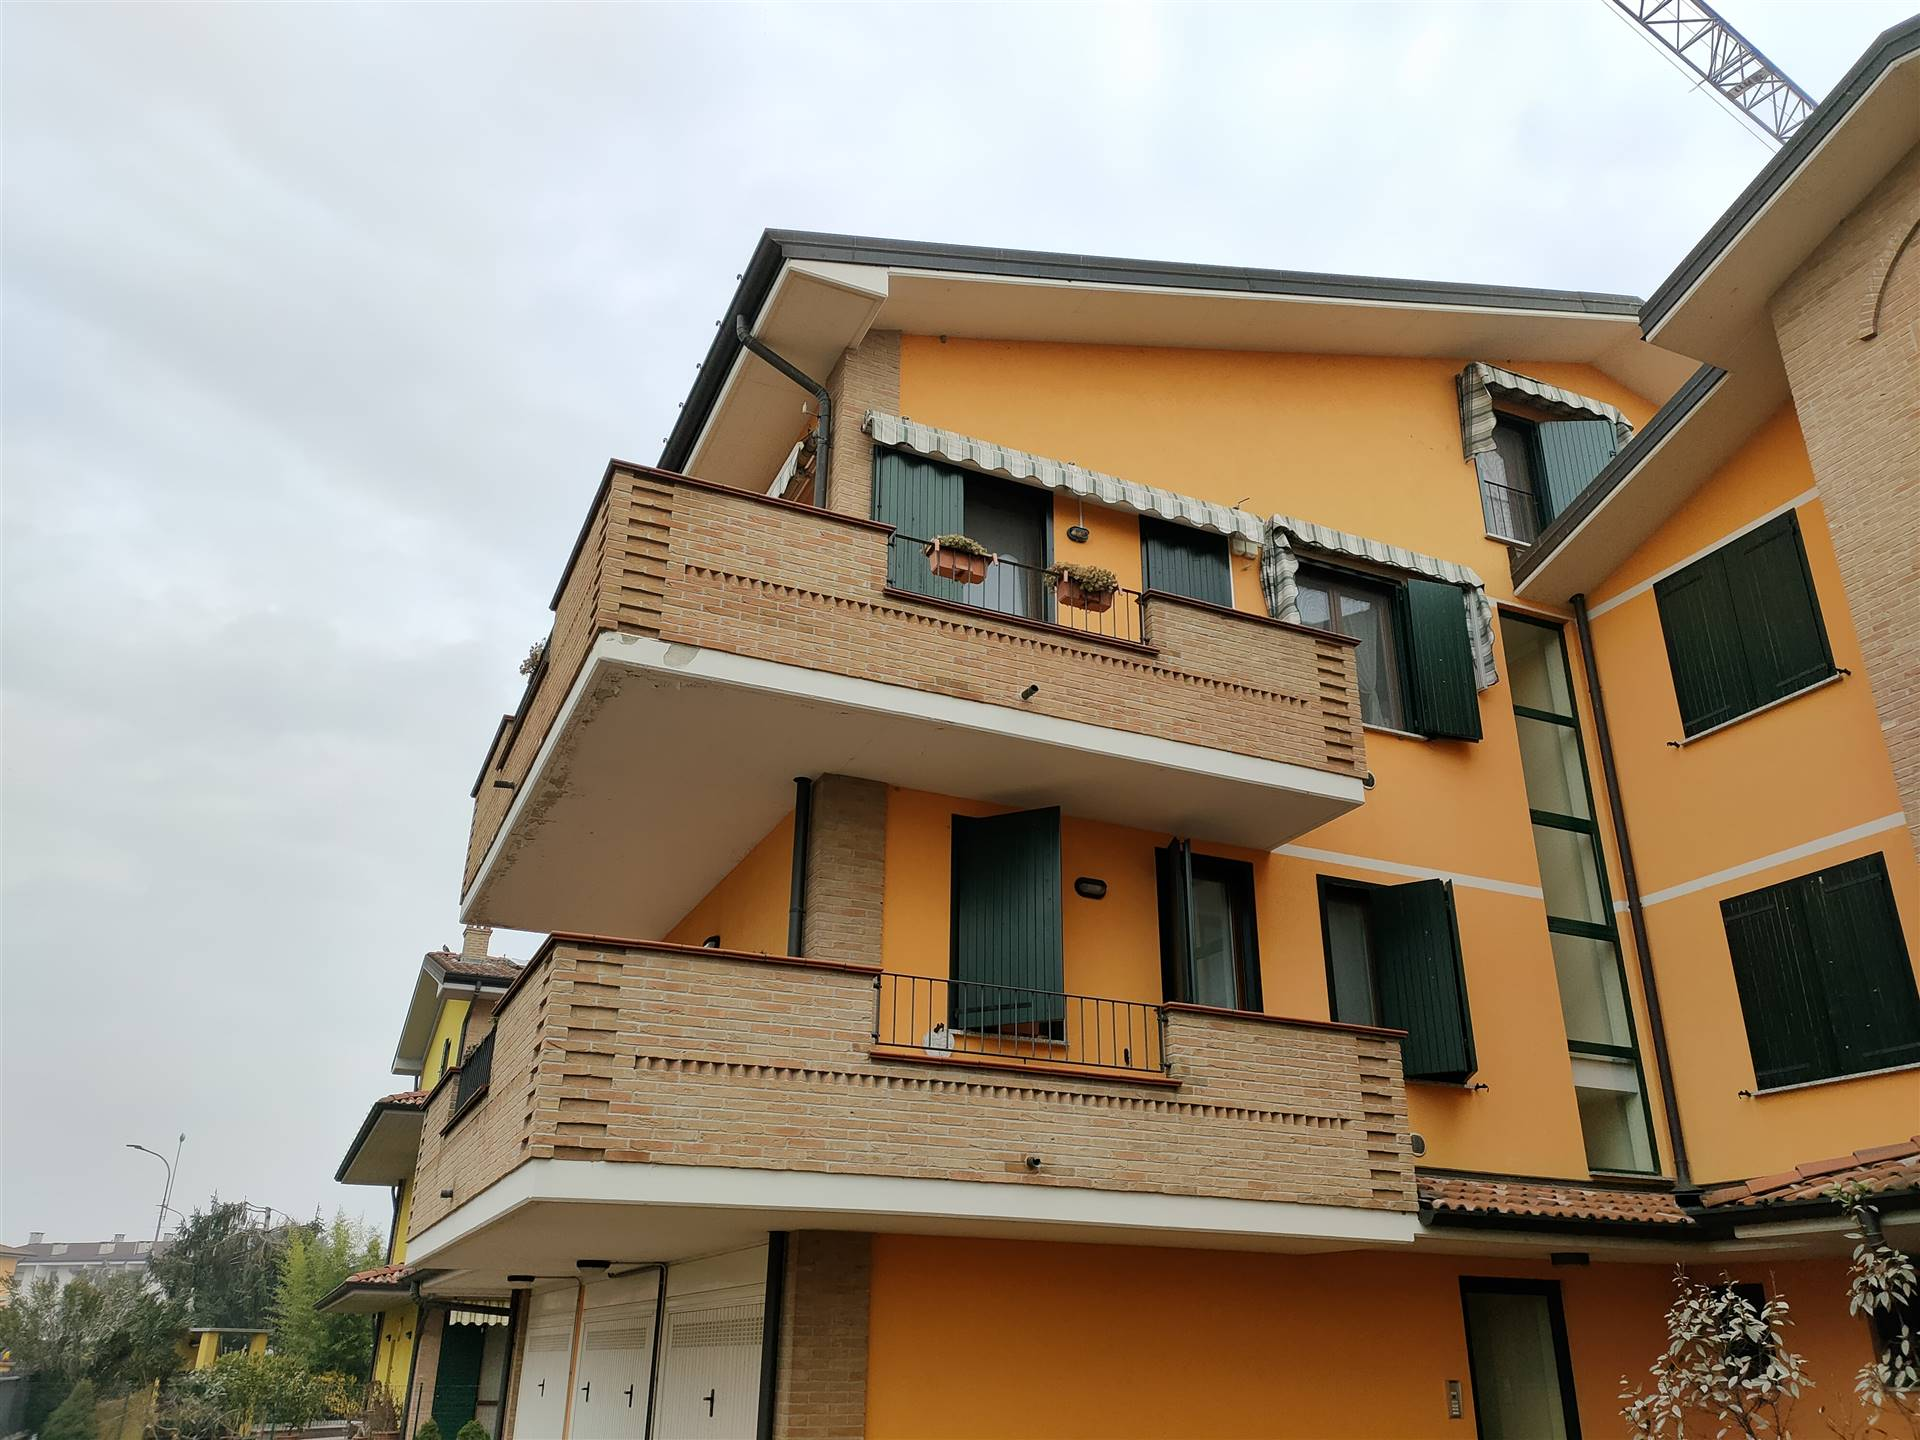 Bilocale su due livelli con terrazzino. Arredato in cucina, camera nel sottotetto e i 2 bagni. Aria condizionata e tende da sole. Posto auto privato